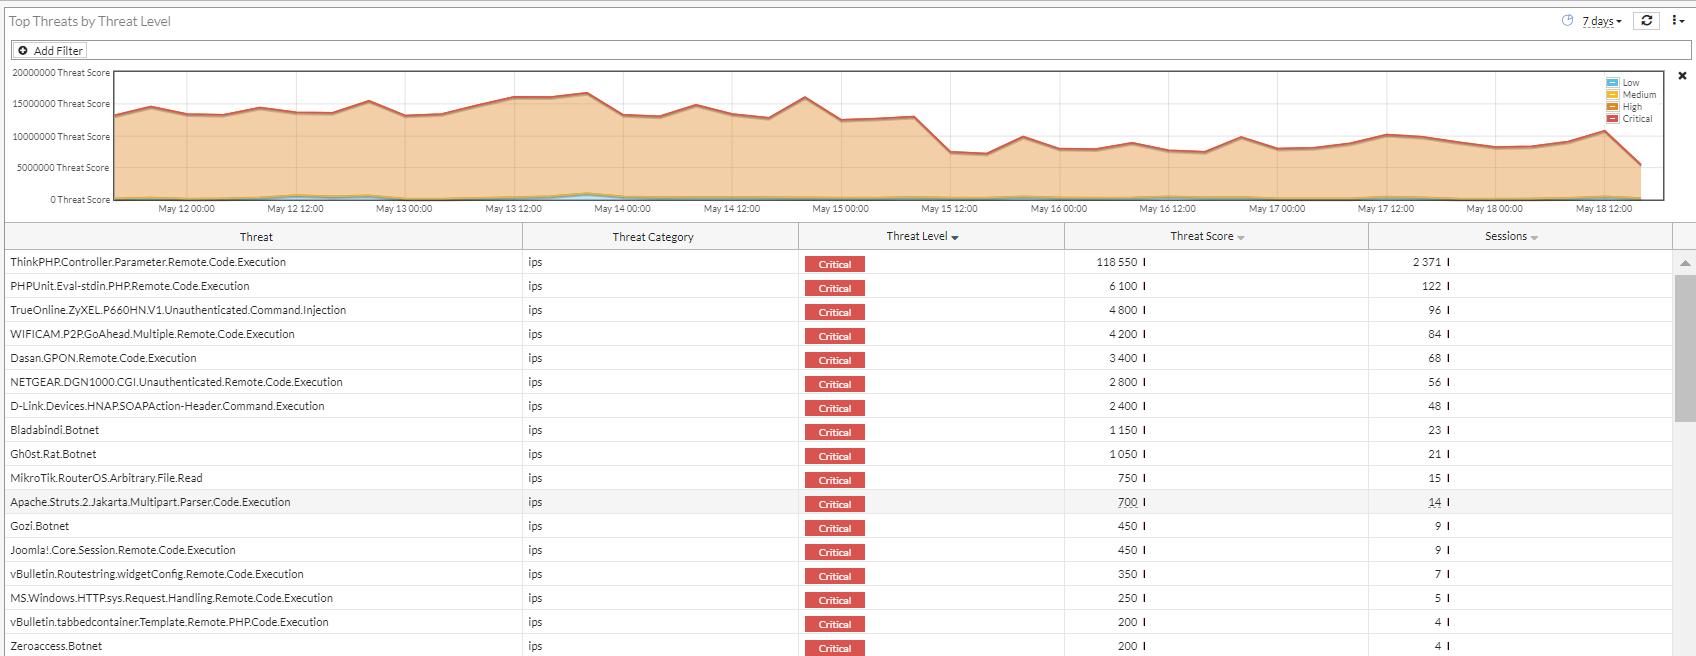 Так выглядит топ критичных угроз за семь дней в модуле IPS.